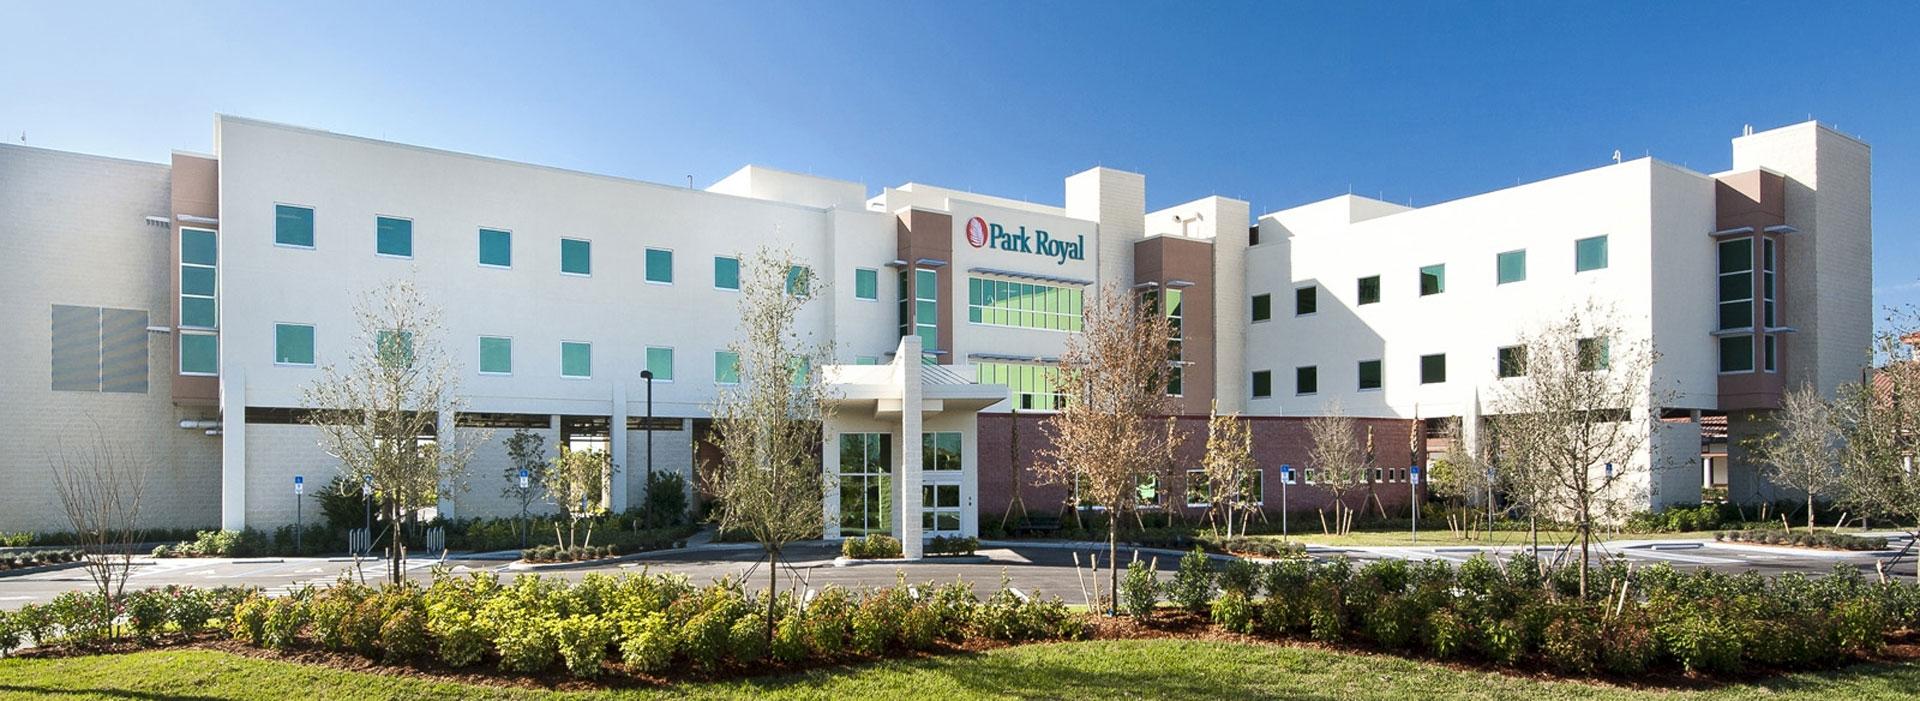 ParkRoyal - Behavioral Hospital